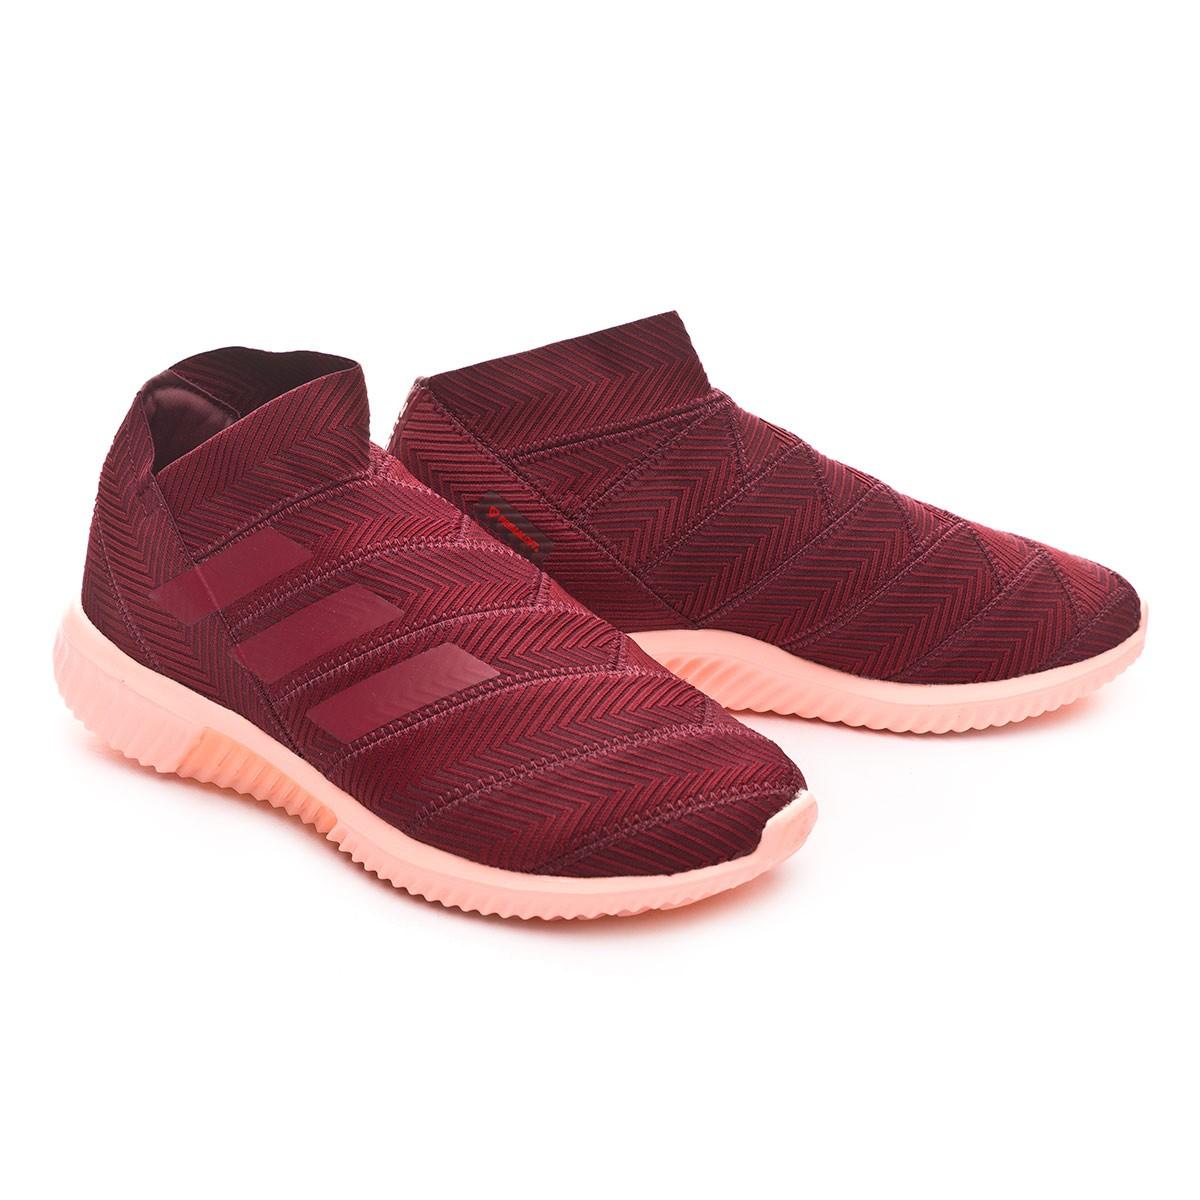 1c274c4d8 Trainers adidas Nemeziz Tango 18.1 TR Maroon-Collegiate burgundy ...